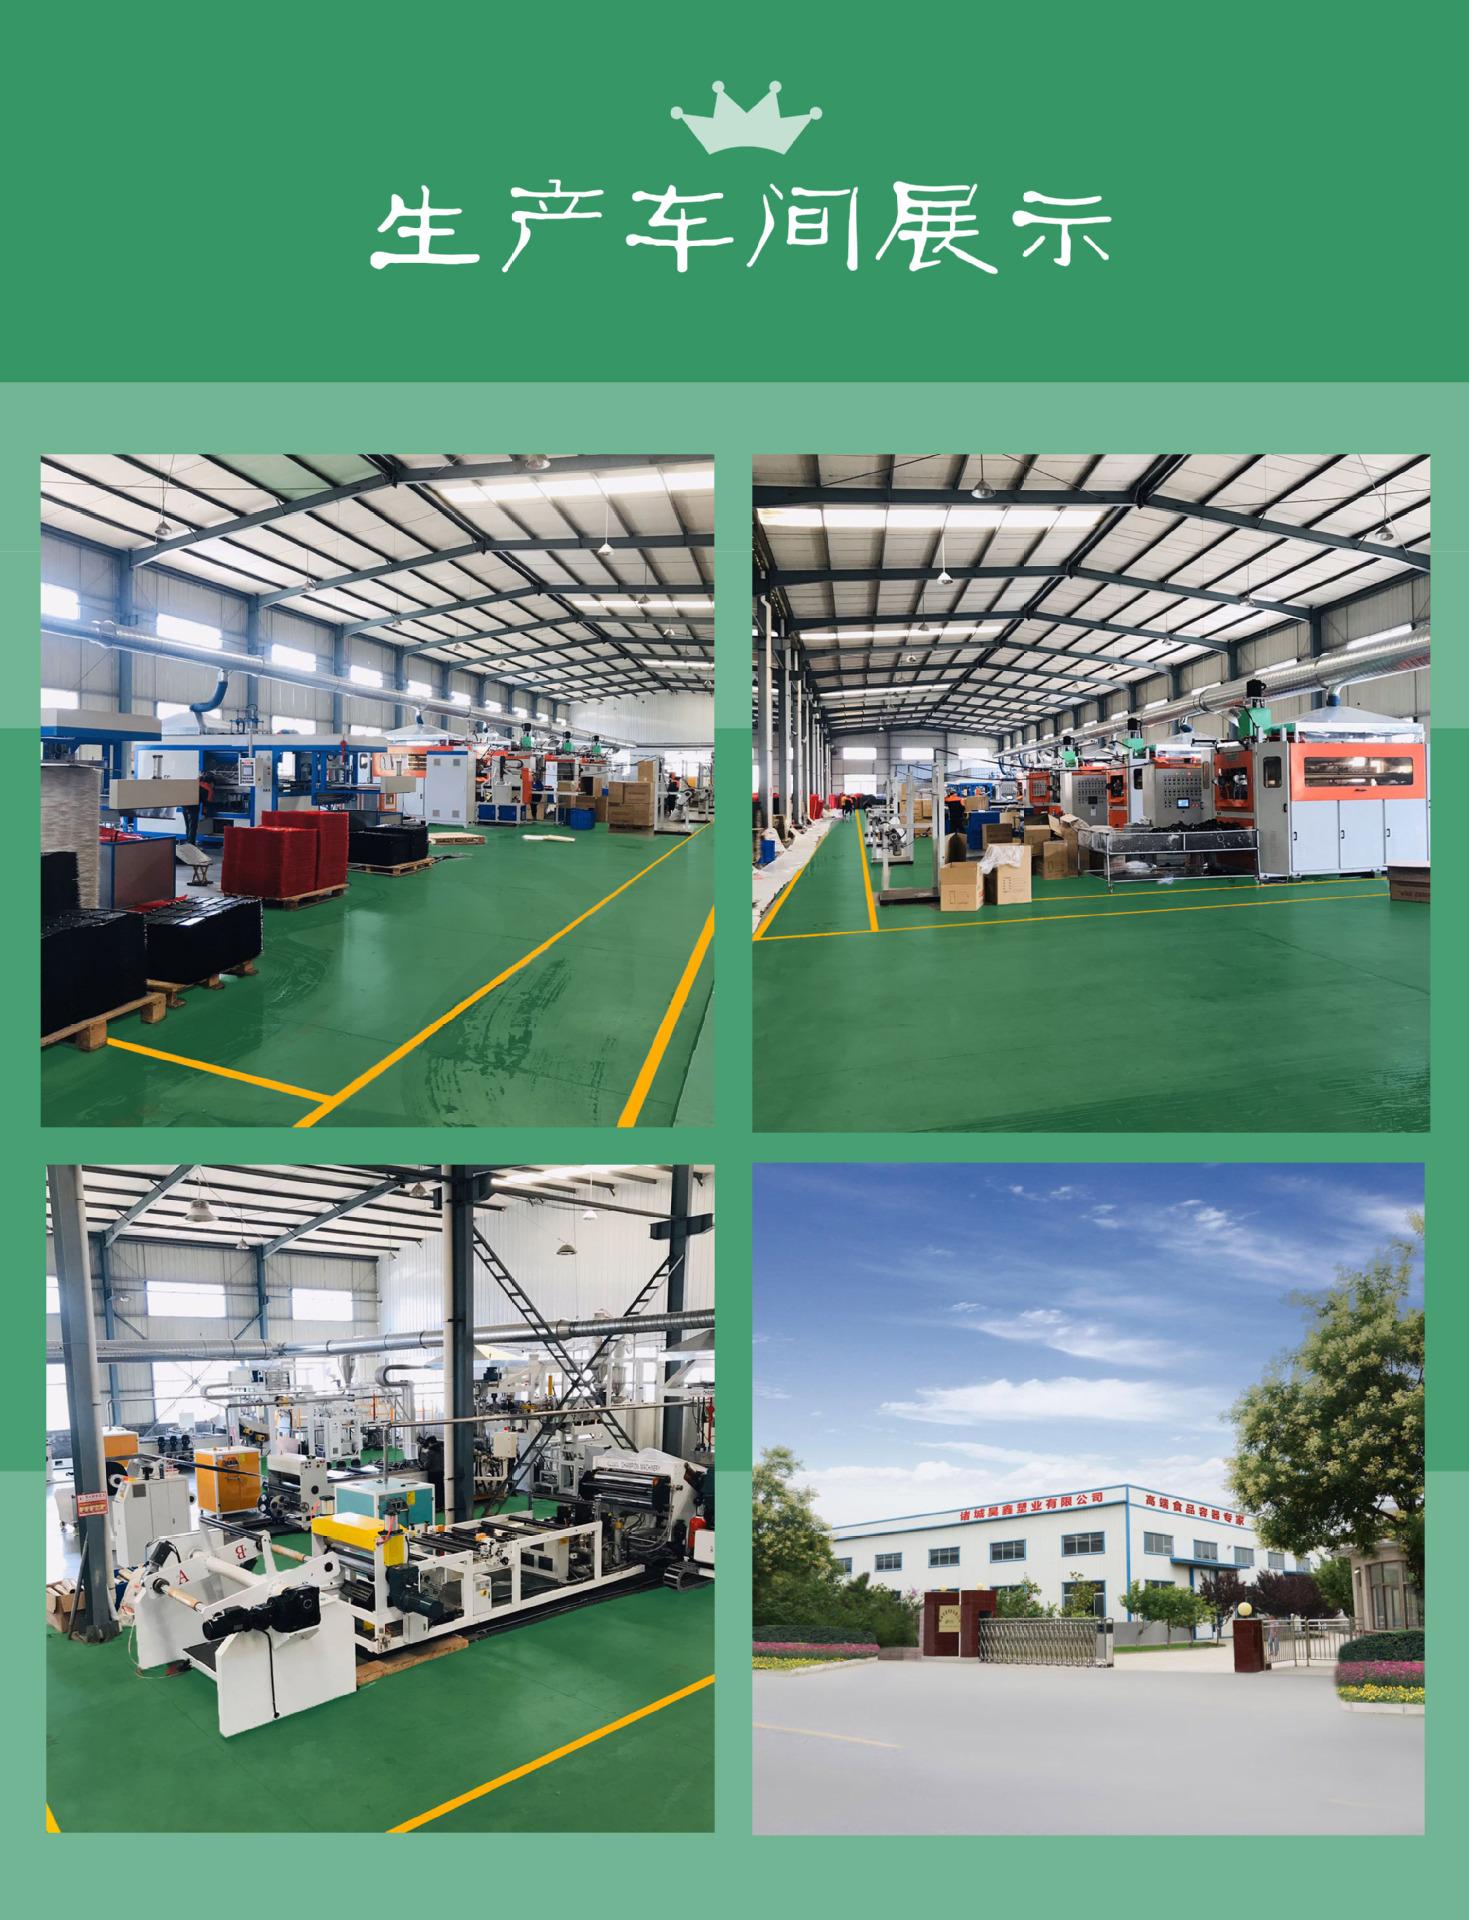 生产车间展示图.jpg